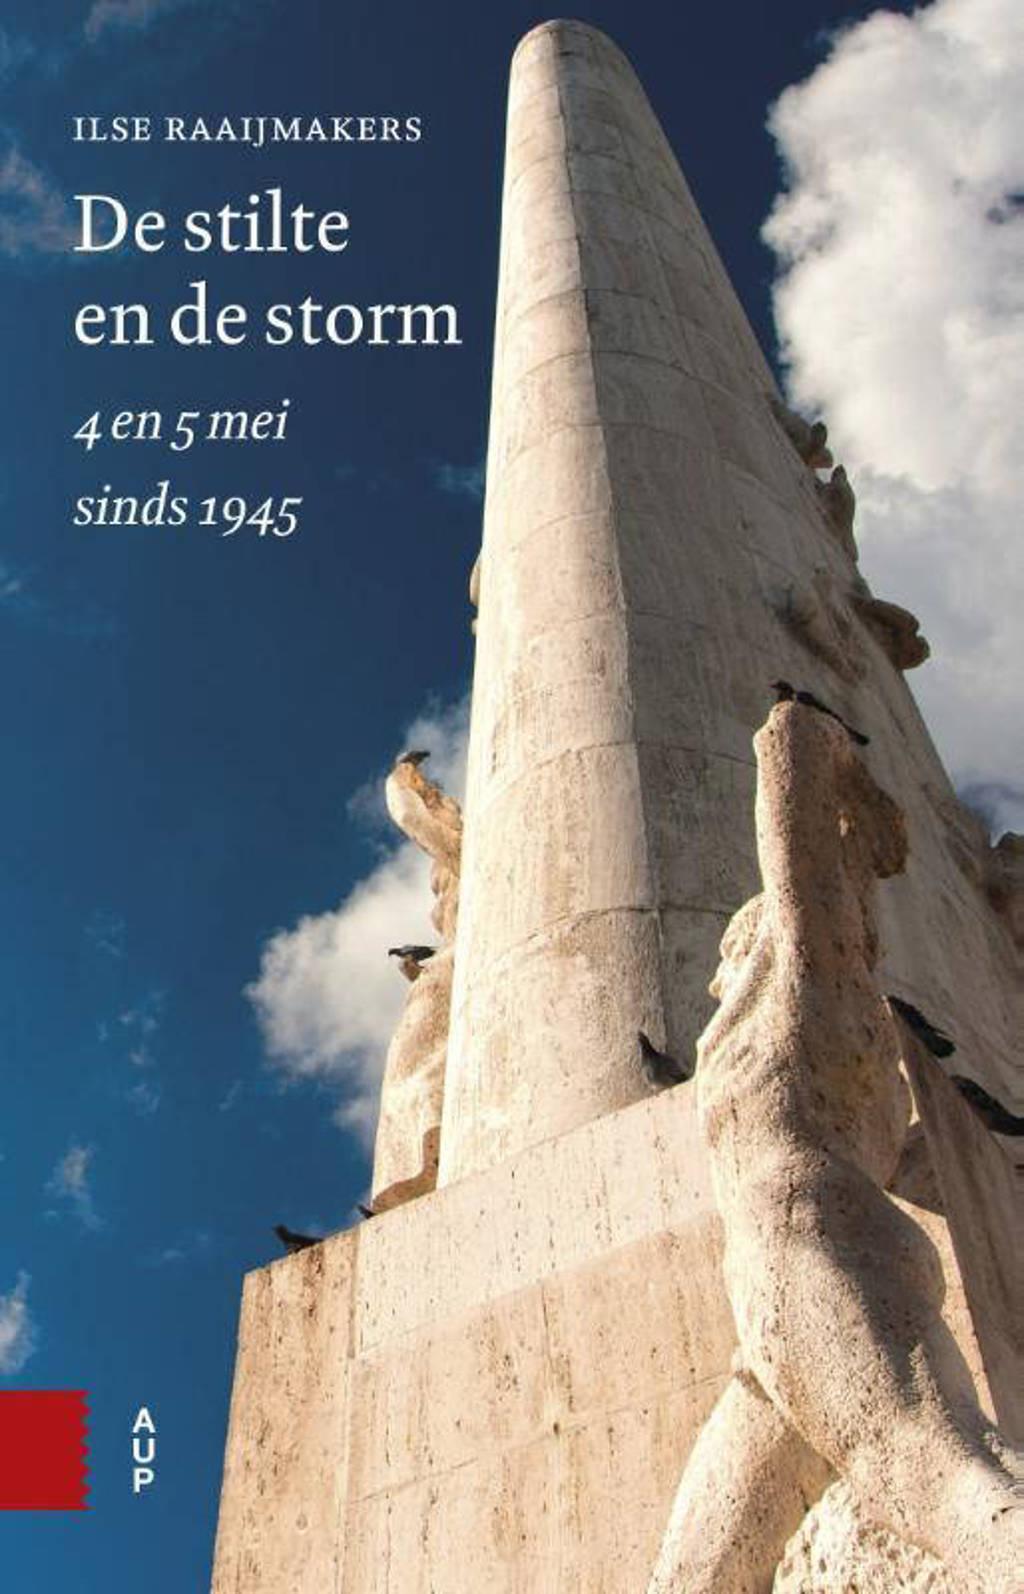 De stilte en de storm - Ilse Raaijmakers